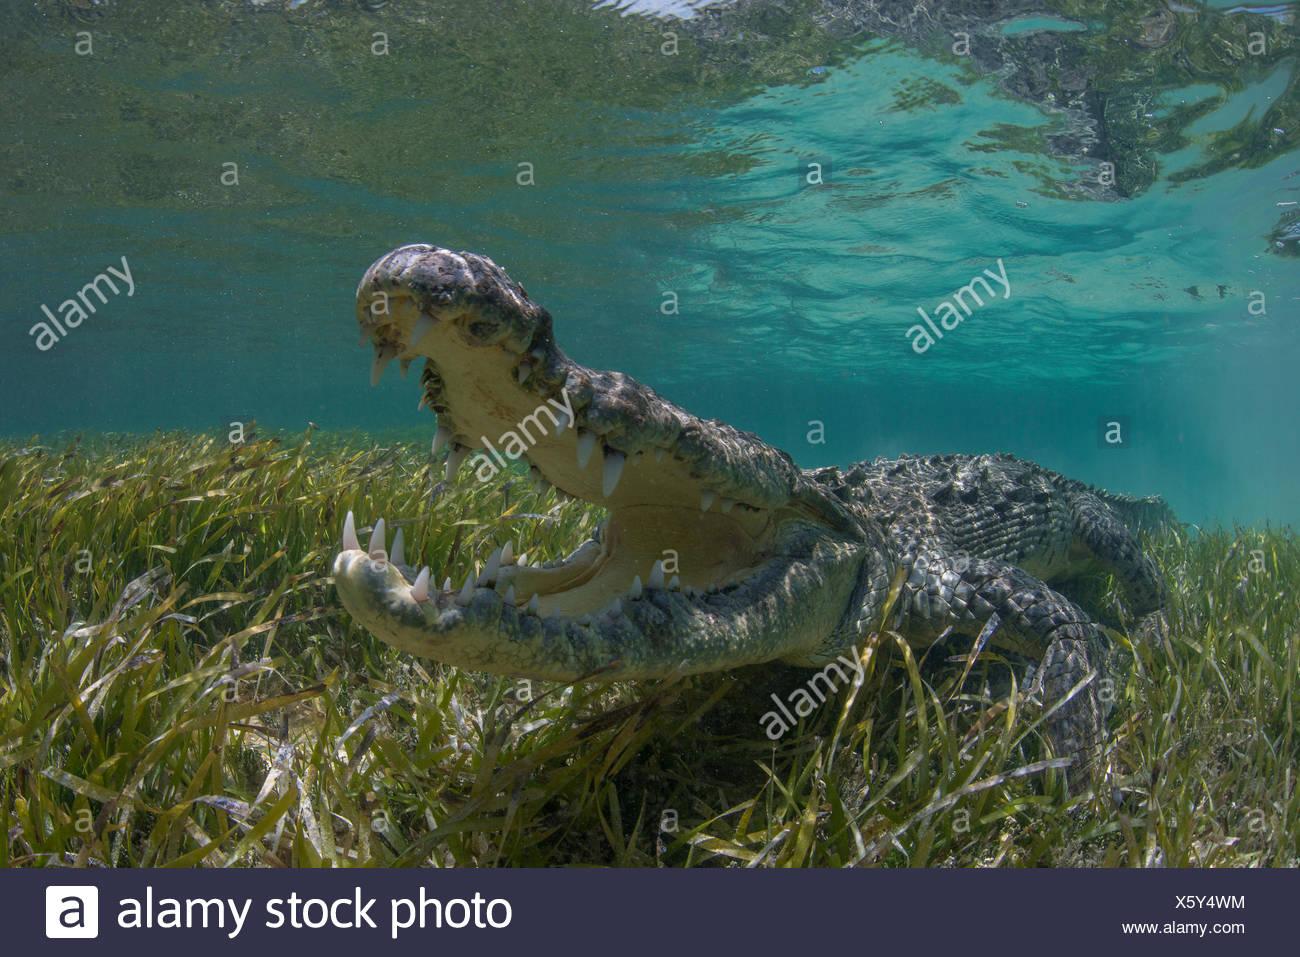 Sous-vue de crocodile dans les eaux peu profondes de la Réserve de biosphère de l'Atoll de Chinchorro, Quintana Roo, Mexique Photo Stock